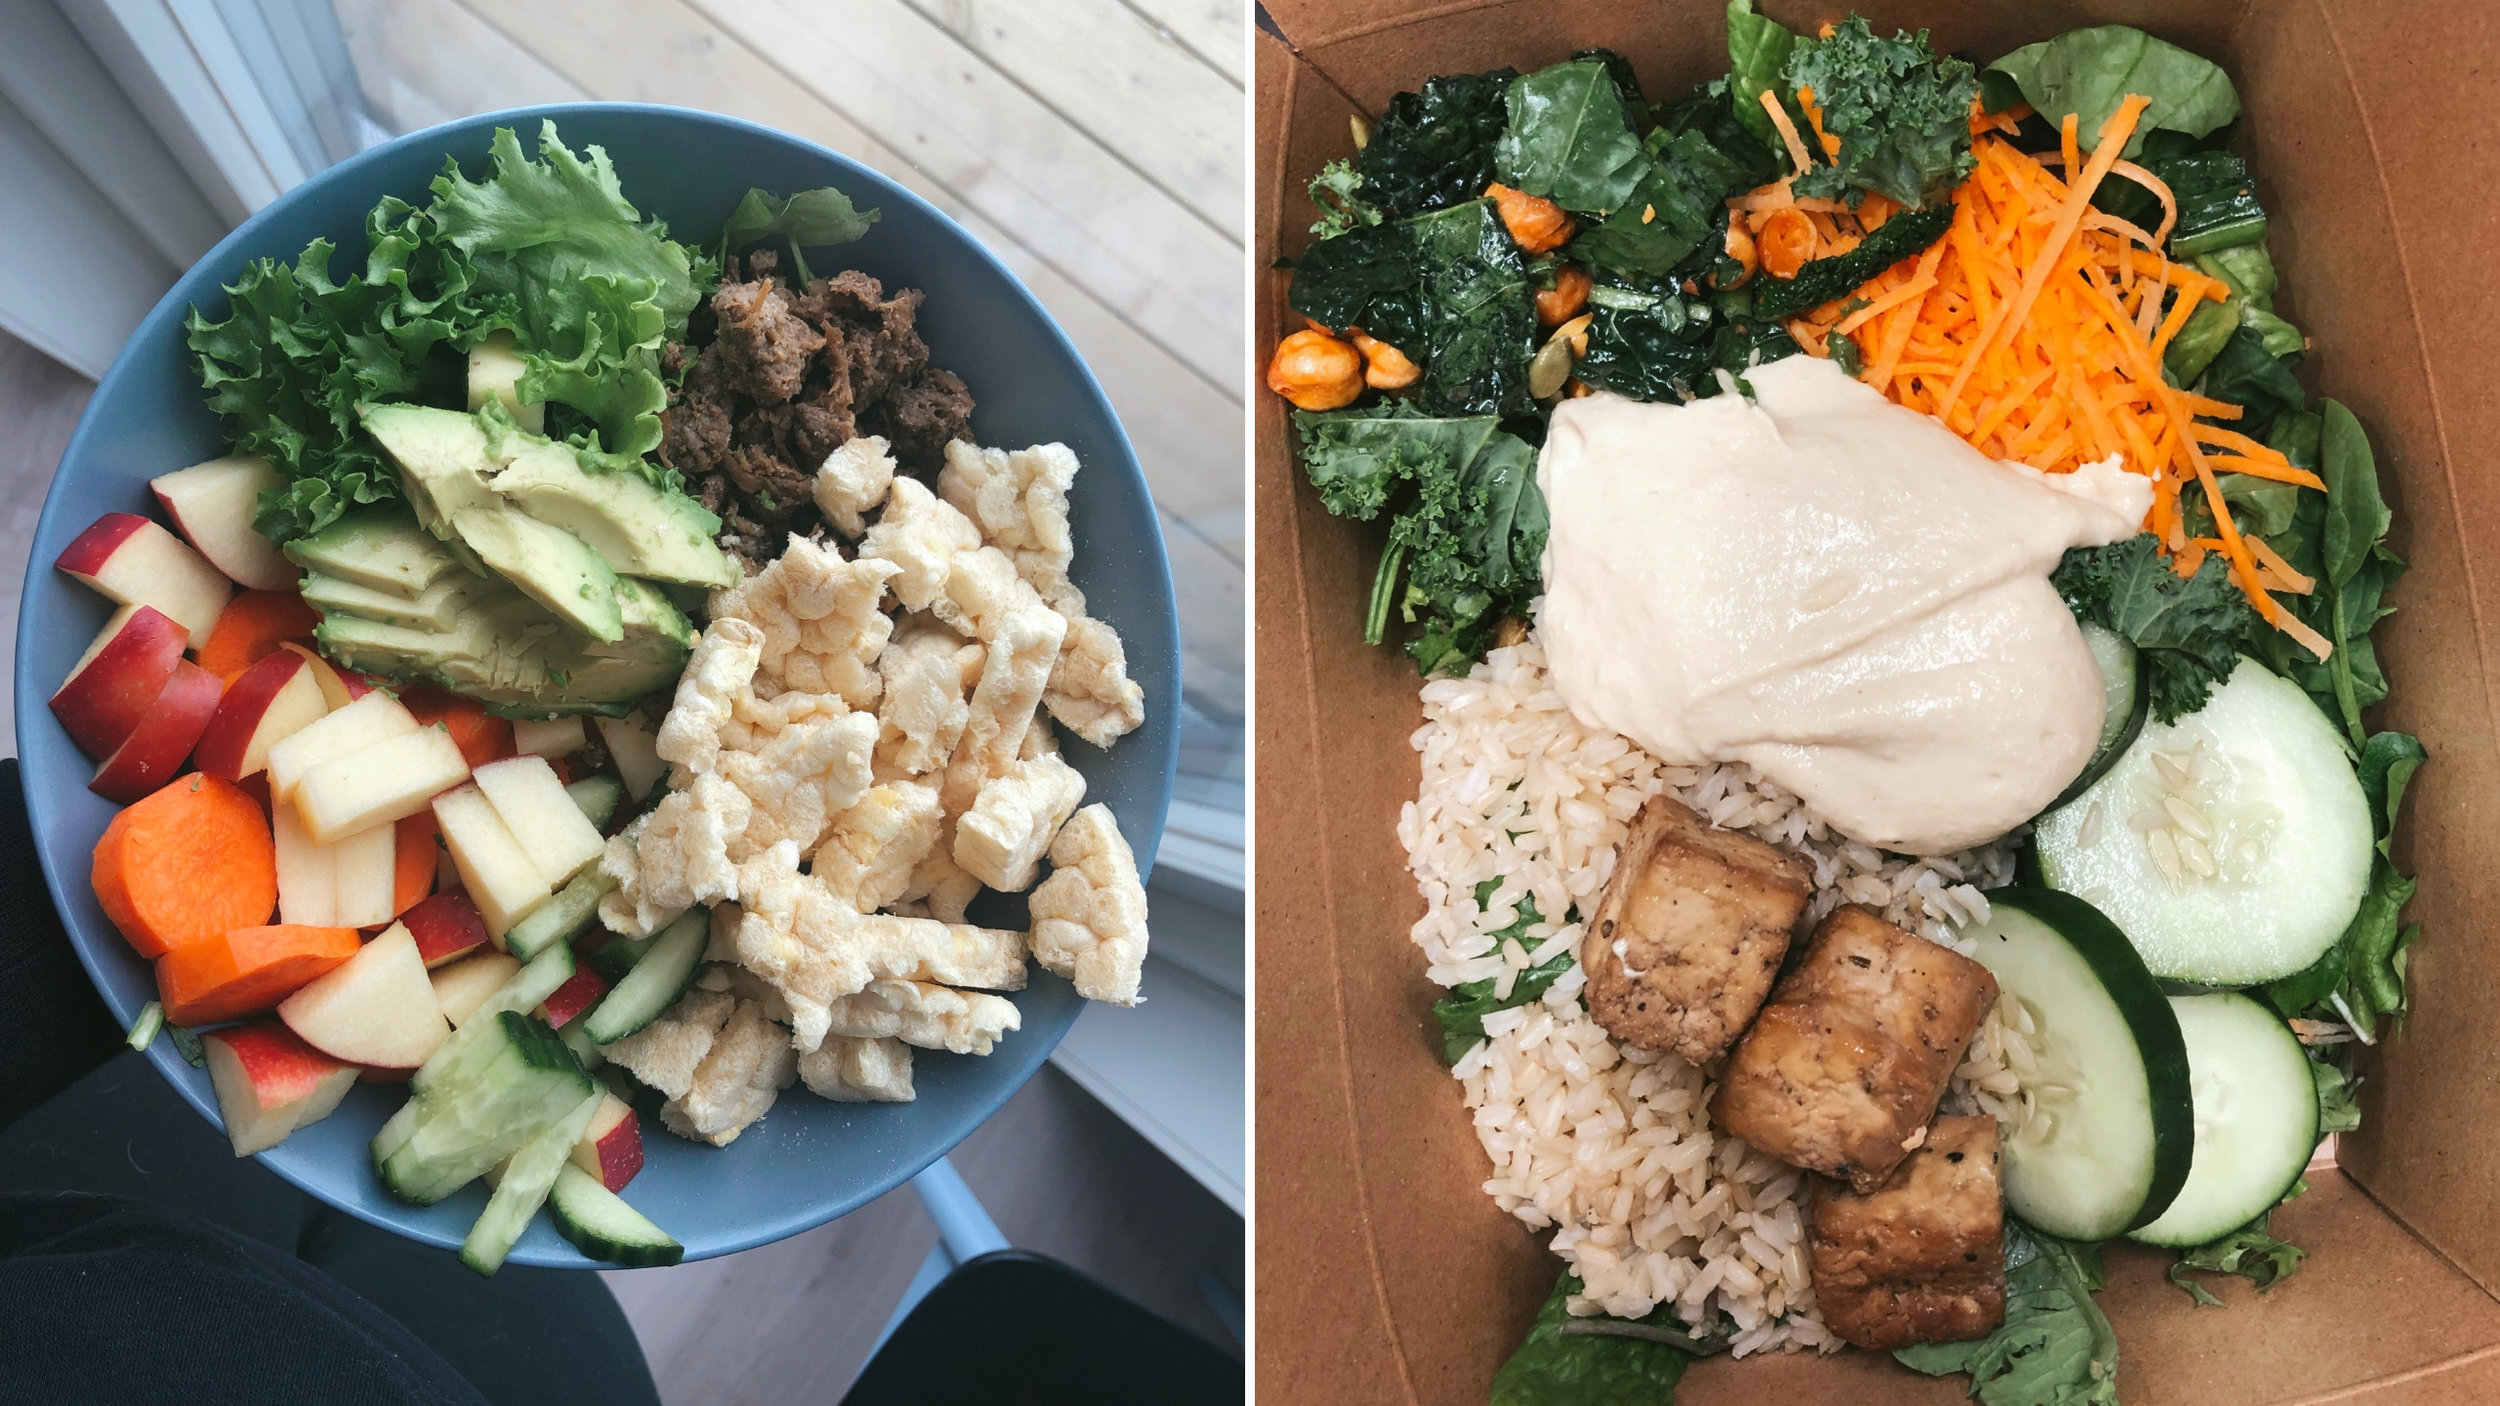 Runsaasti liikkuvan kannattaa huomioida, että lautaselta löytyisi aina jokin hiilihydraatin lähde, laadukasta kasviperäistä proteiinia, hyviä kasvirasvoja sekä reilusti kasviksia. Vasemmalla kulhossa linssikakkuja, nyhtökauraa, avokadoa, omenaa, porkkanaa, kurkkua sekä salaattia. Oikealla Jenkkireissulta Whole Foodsista kasattu annos: tummaa riisiä, tofua, paahdettua kikherne-lehtikaalisalaattia, vihreitä kasviksia, porkkanaa sekä hummusta.